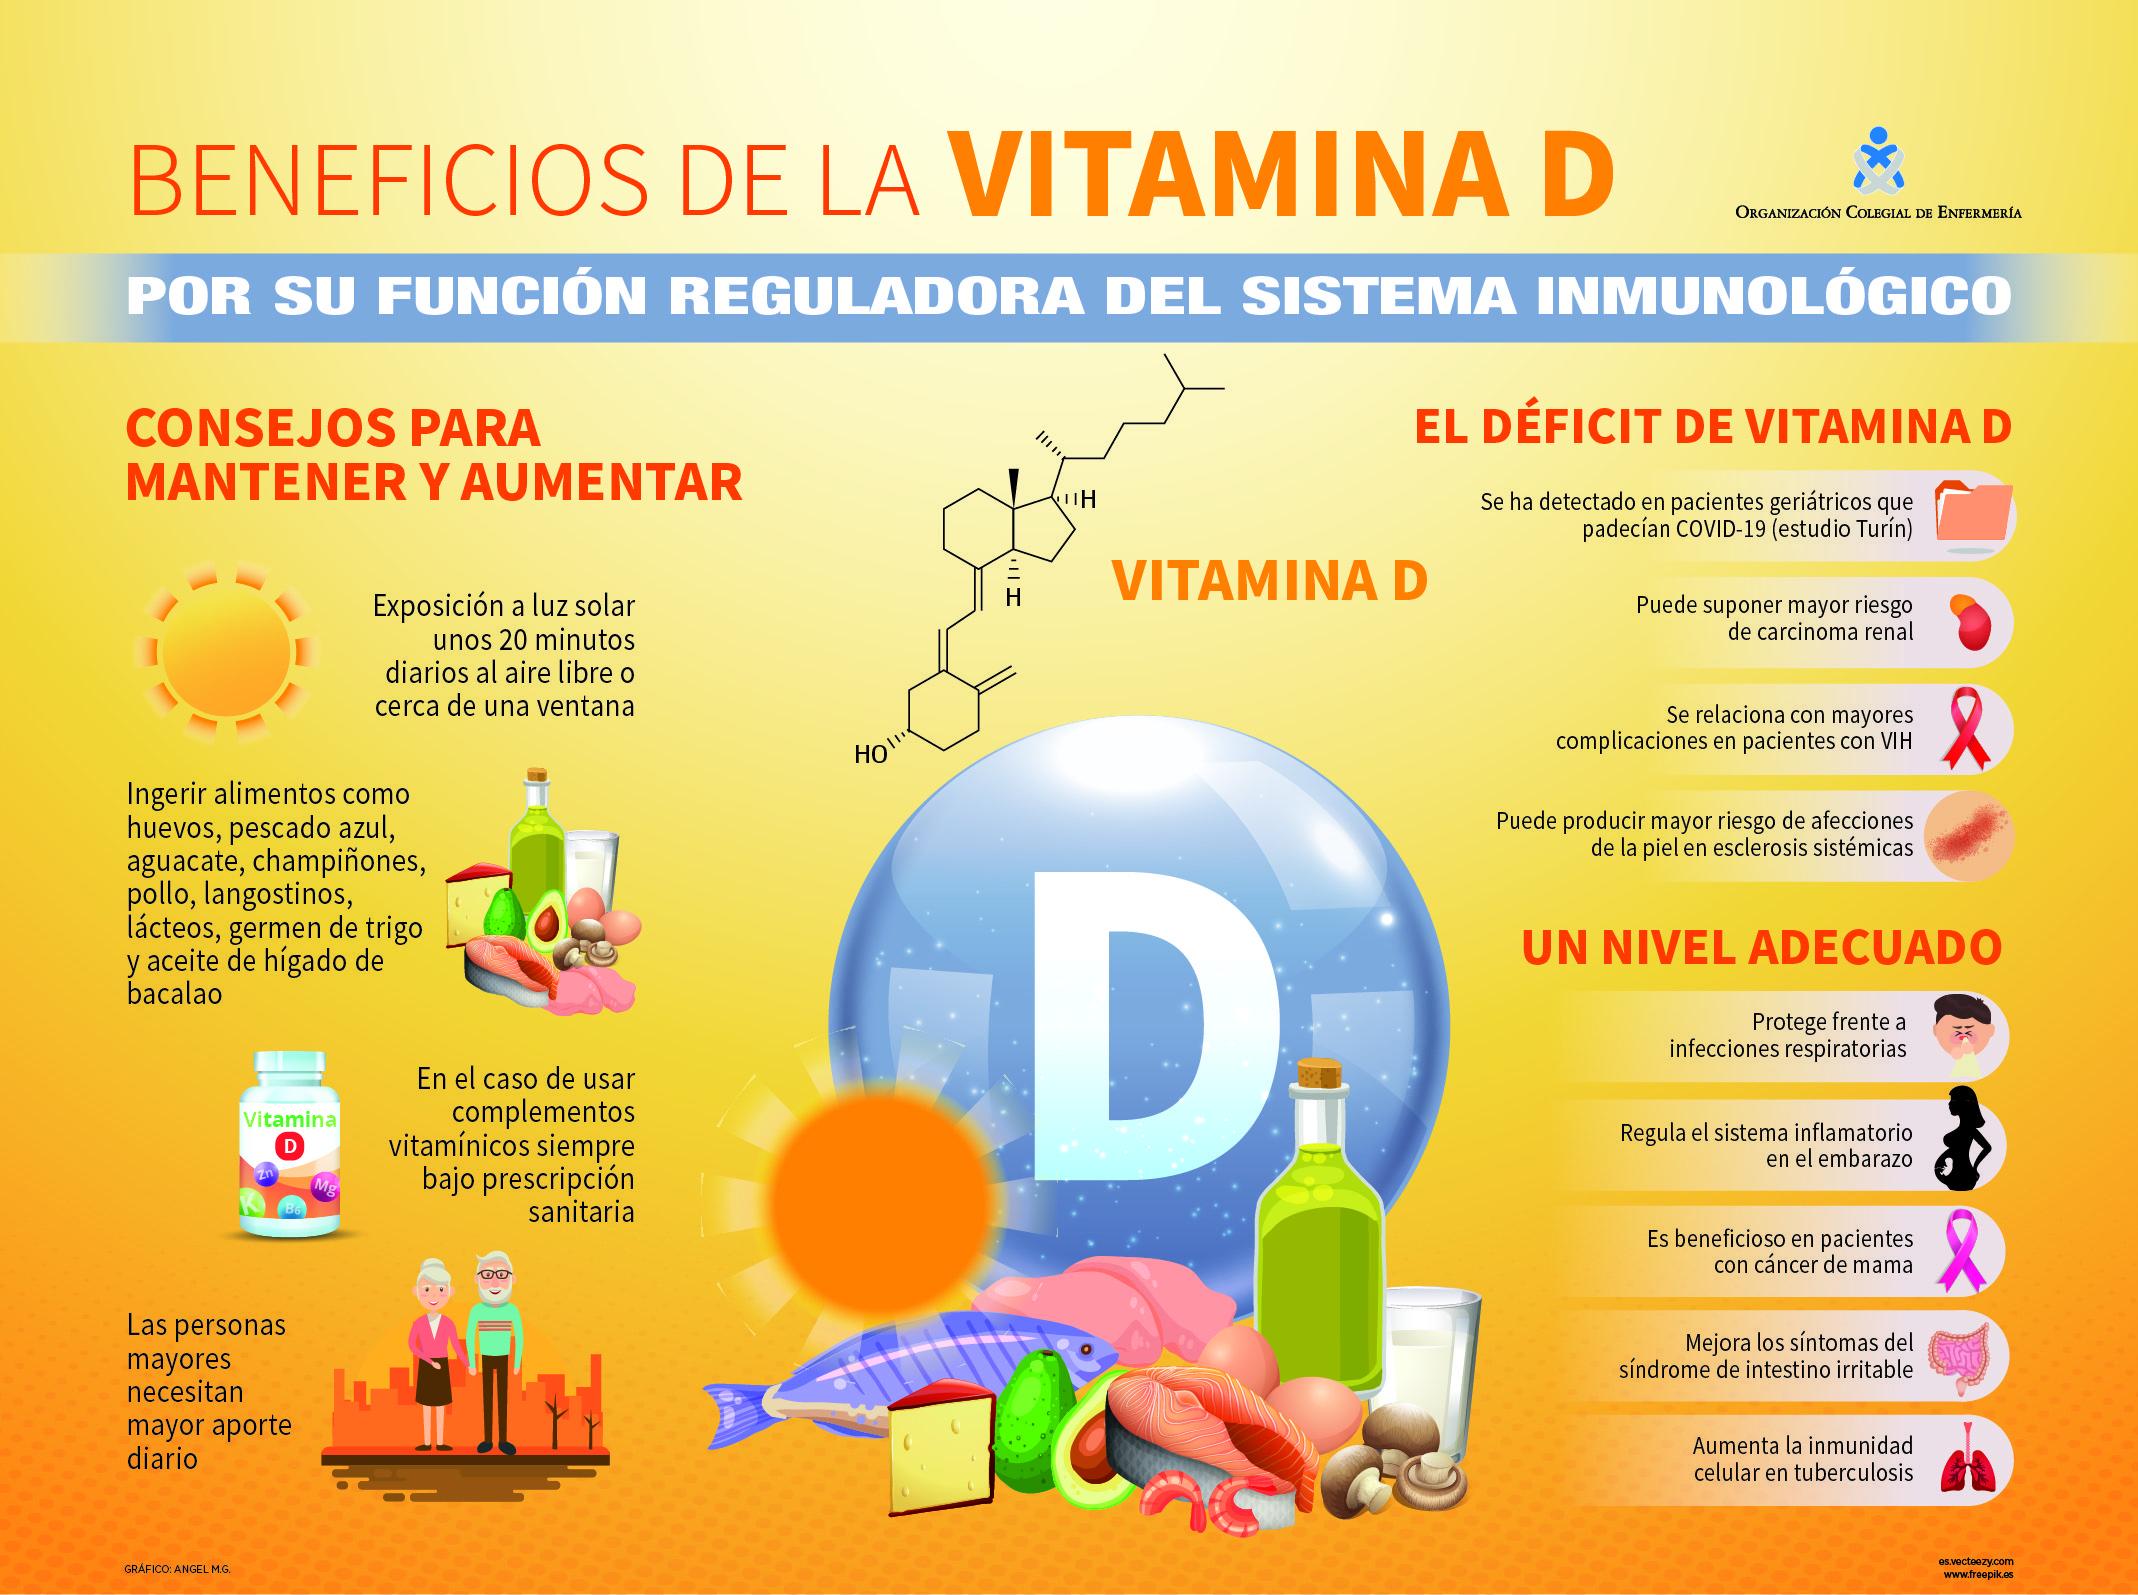 www.consejogeneralenfermeria.org | La importancia de la Vitamina D centra  la última campaña de Salud Pública y COVID-19 de la Organización Colegial  de Enfermería